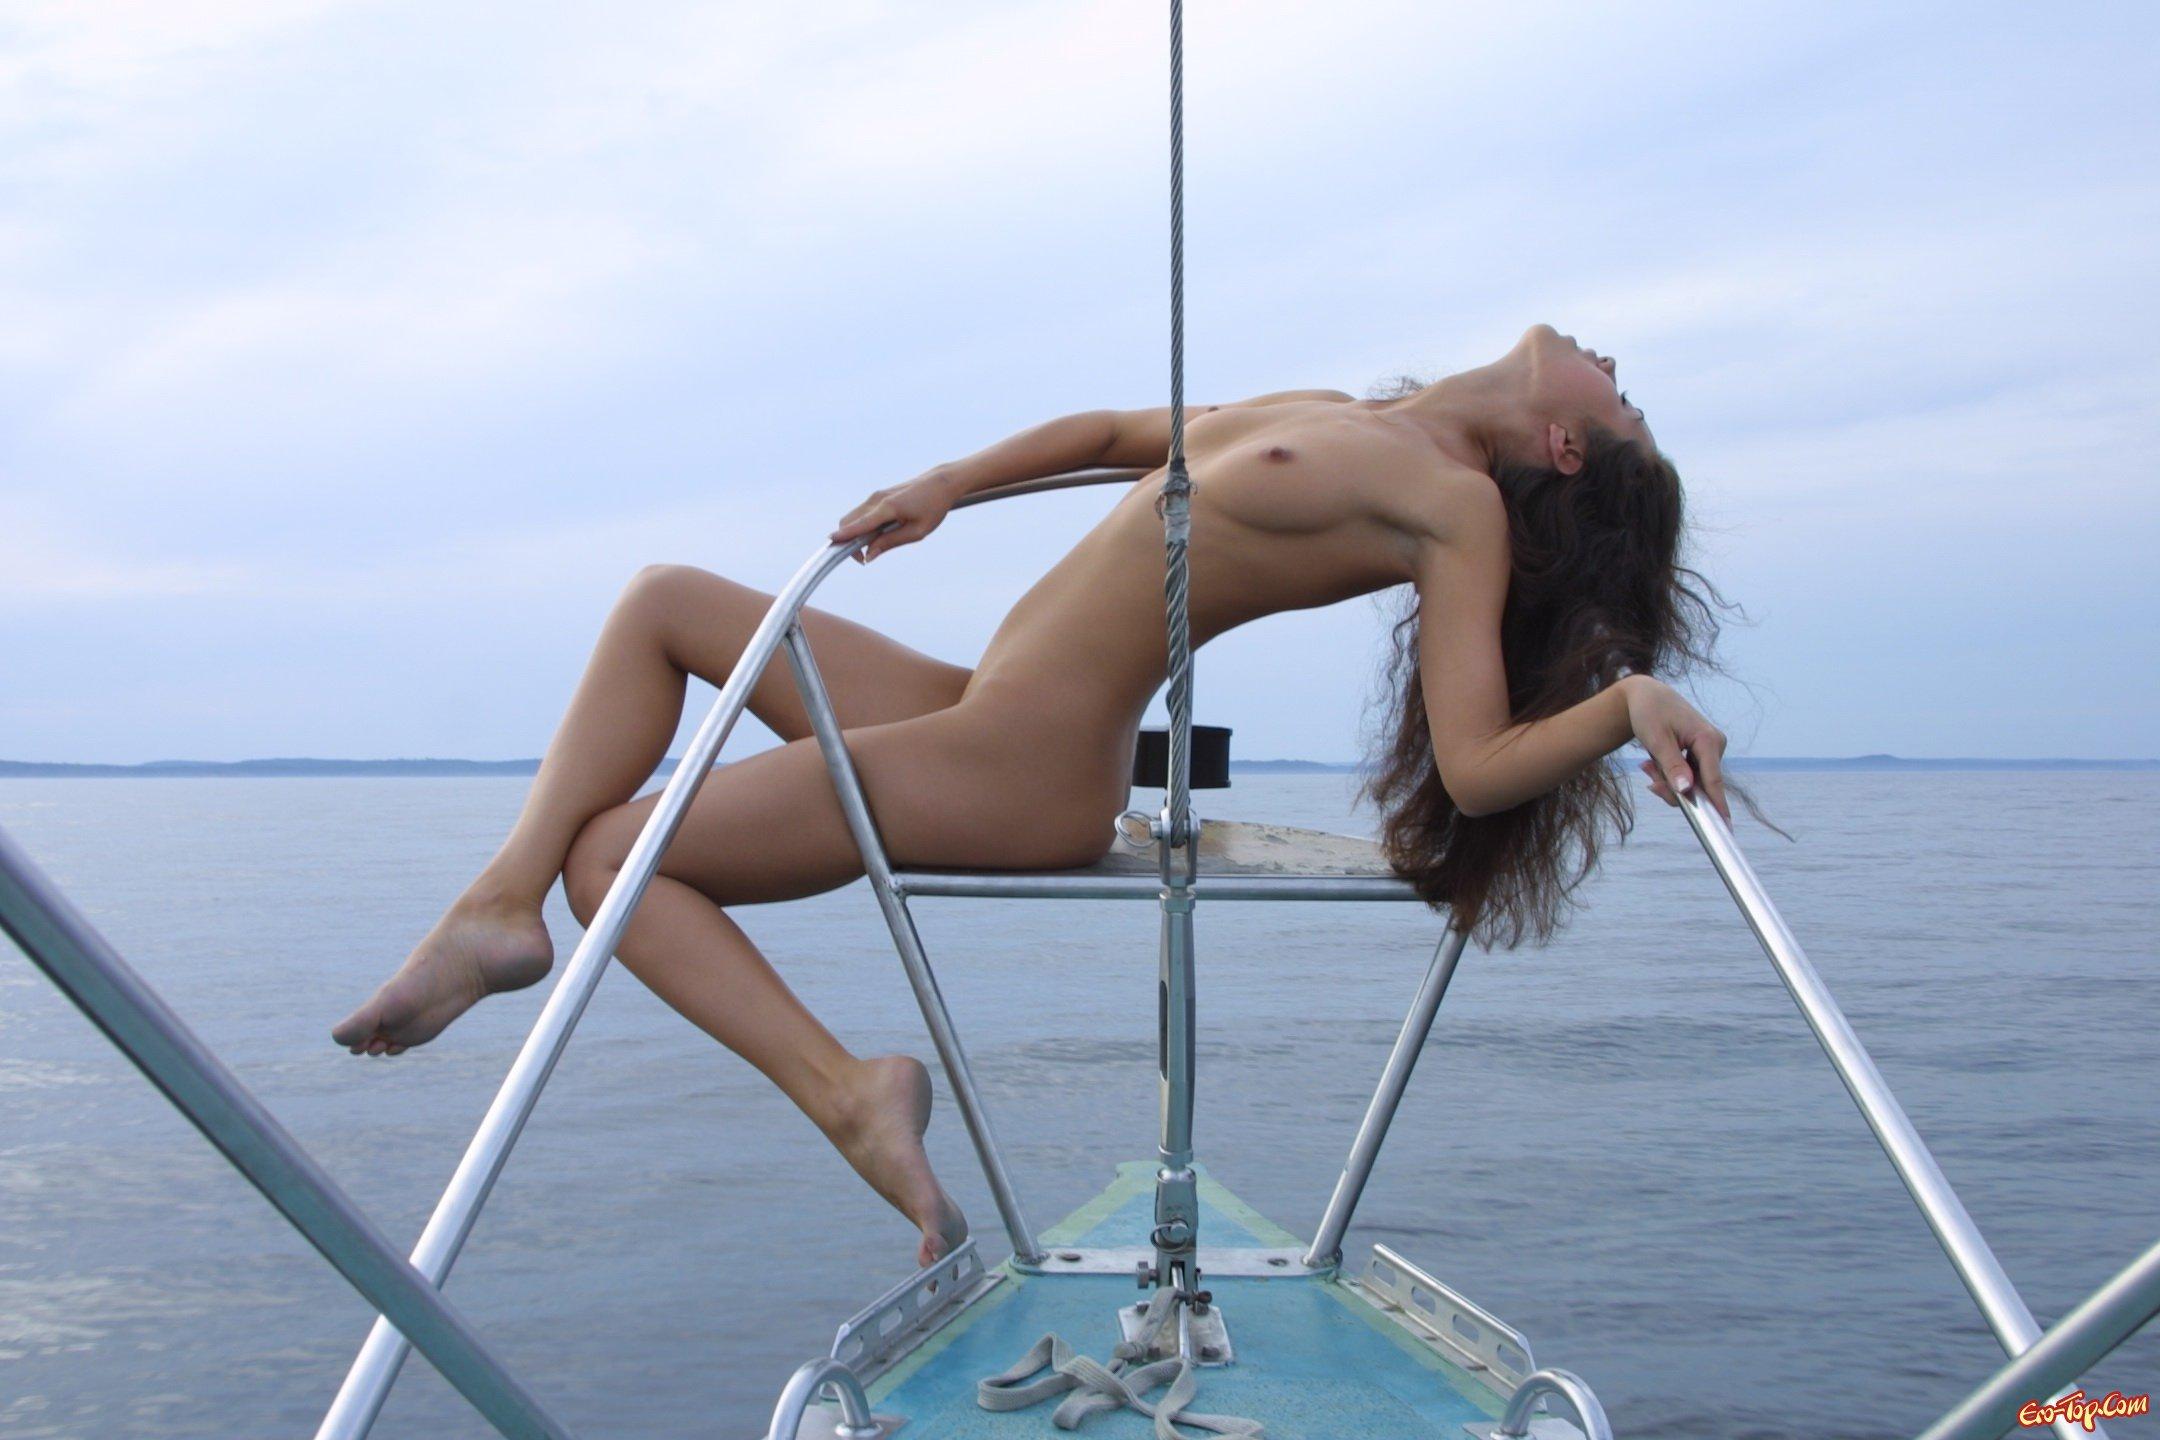 Обнаженная на корабле смотреть эротику